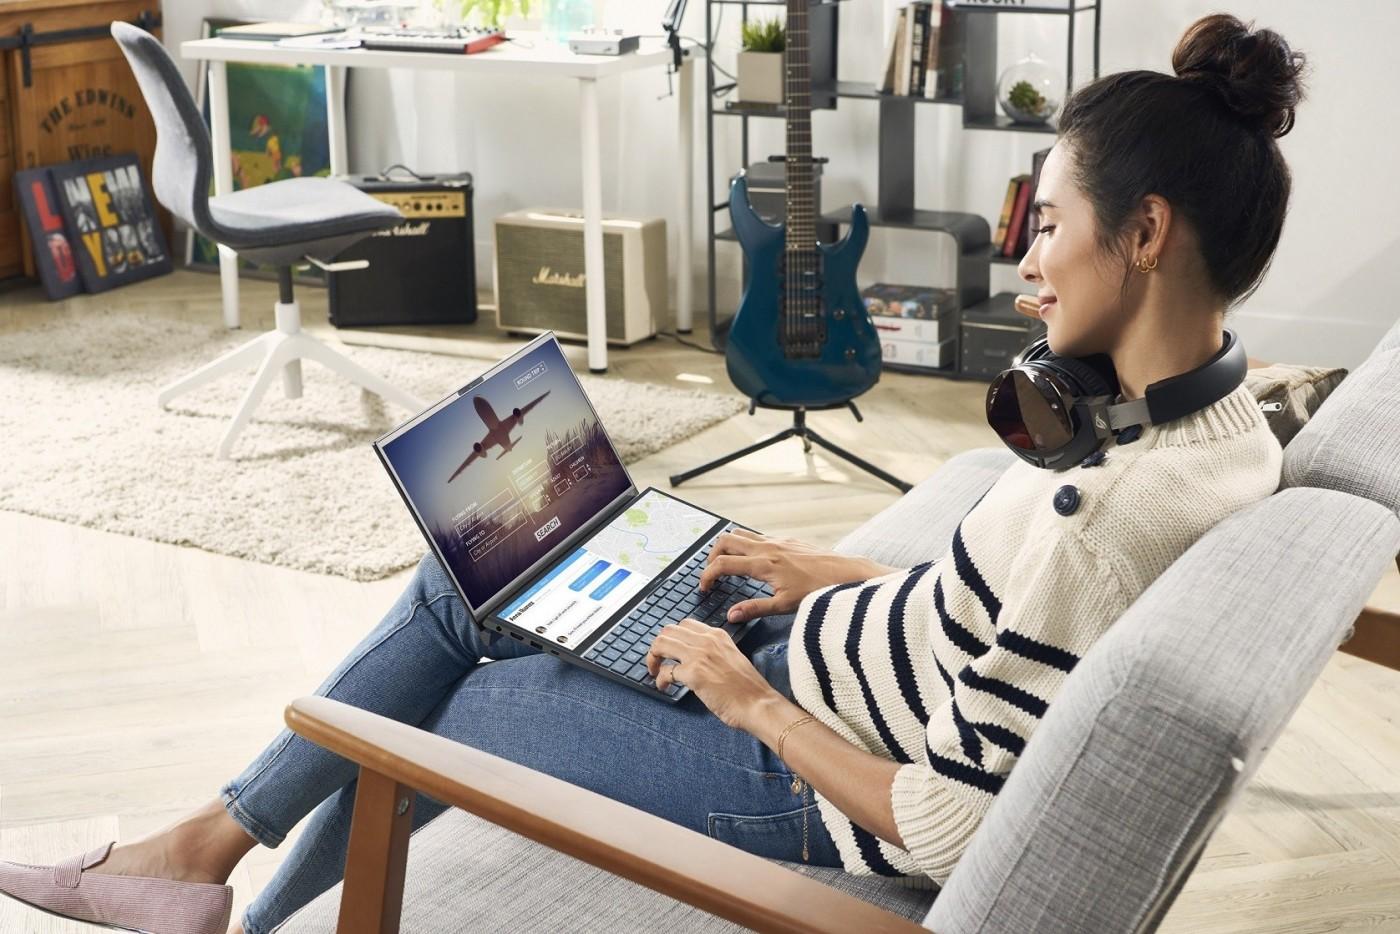 在家上班刺激筆電買氣!華碩Q1毛利率衝上16.45%新高,為何說今年PC需求「先盛後衰」?